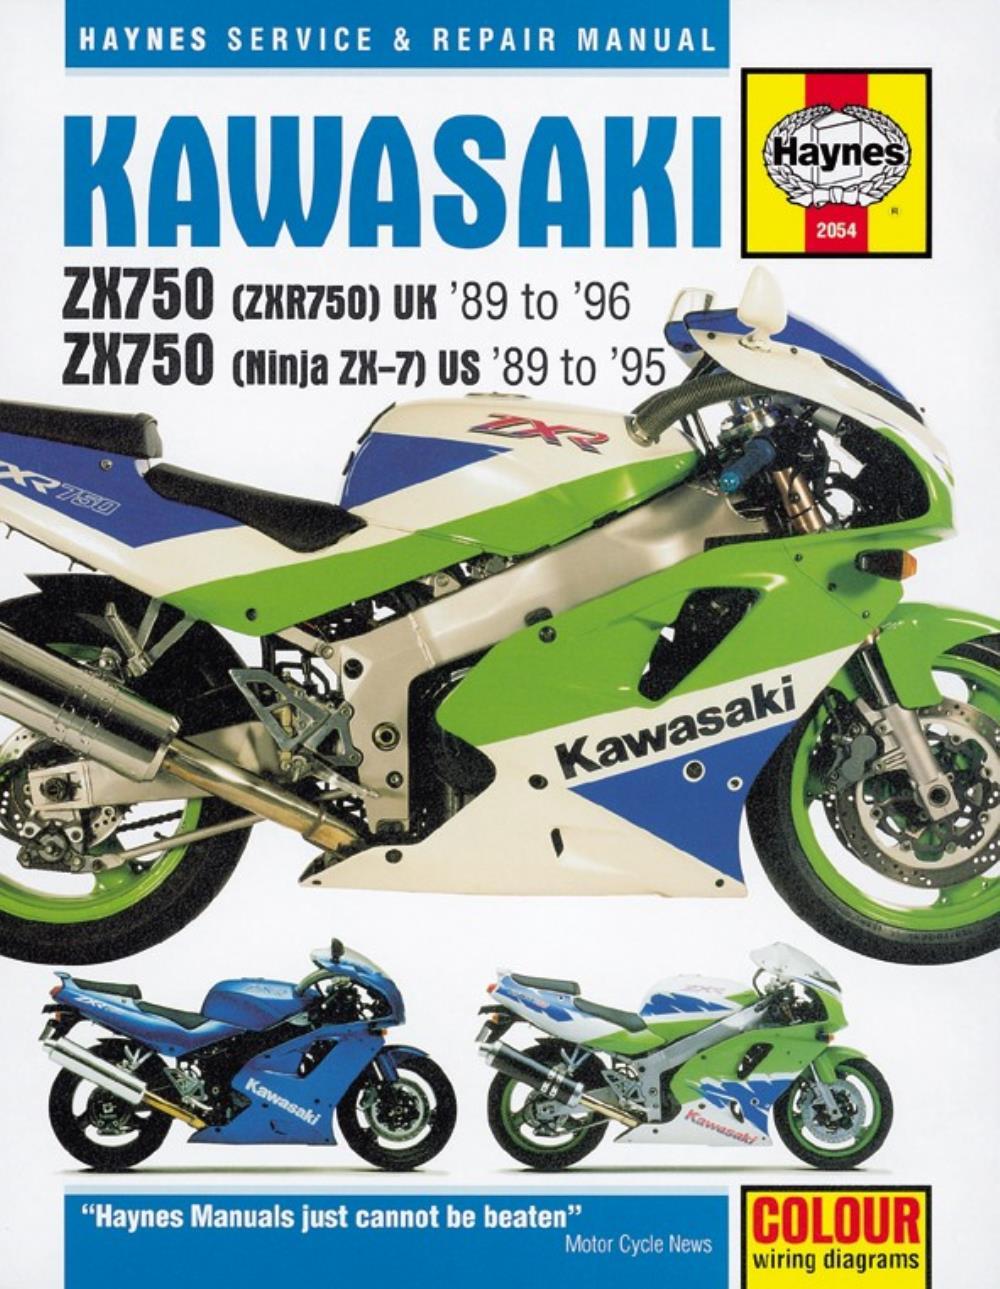 Manual Haynes For 1994 Kawasaki Zxr 750 L Zx750l2 Ebay 1996 1100 Ninja Wiring Diagram Description